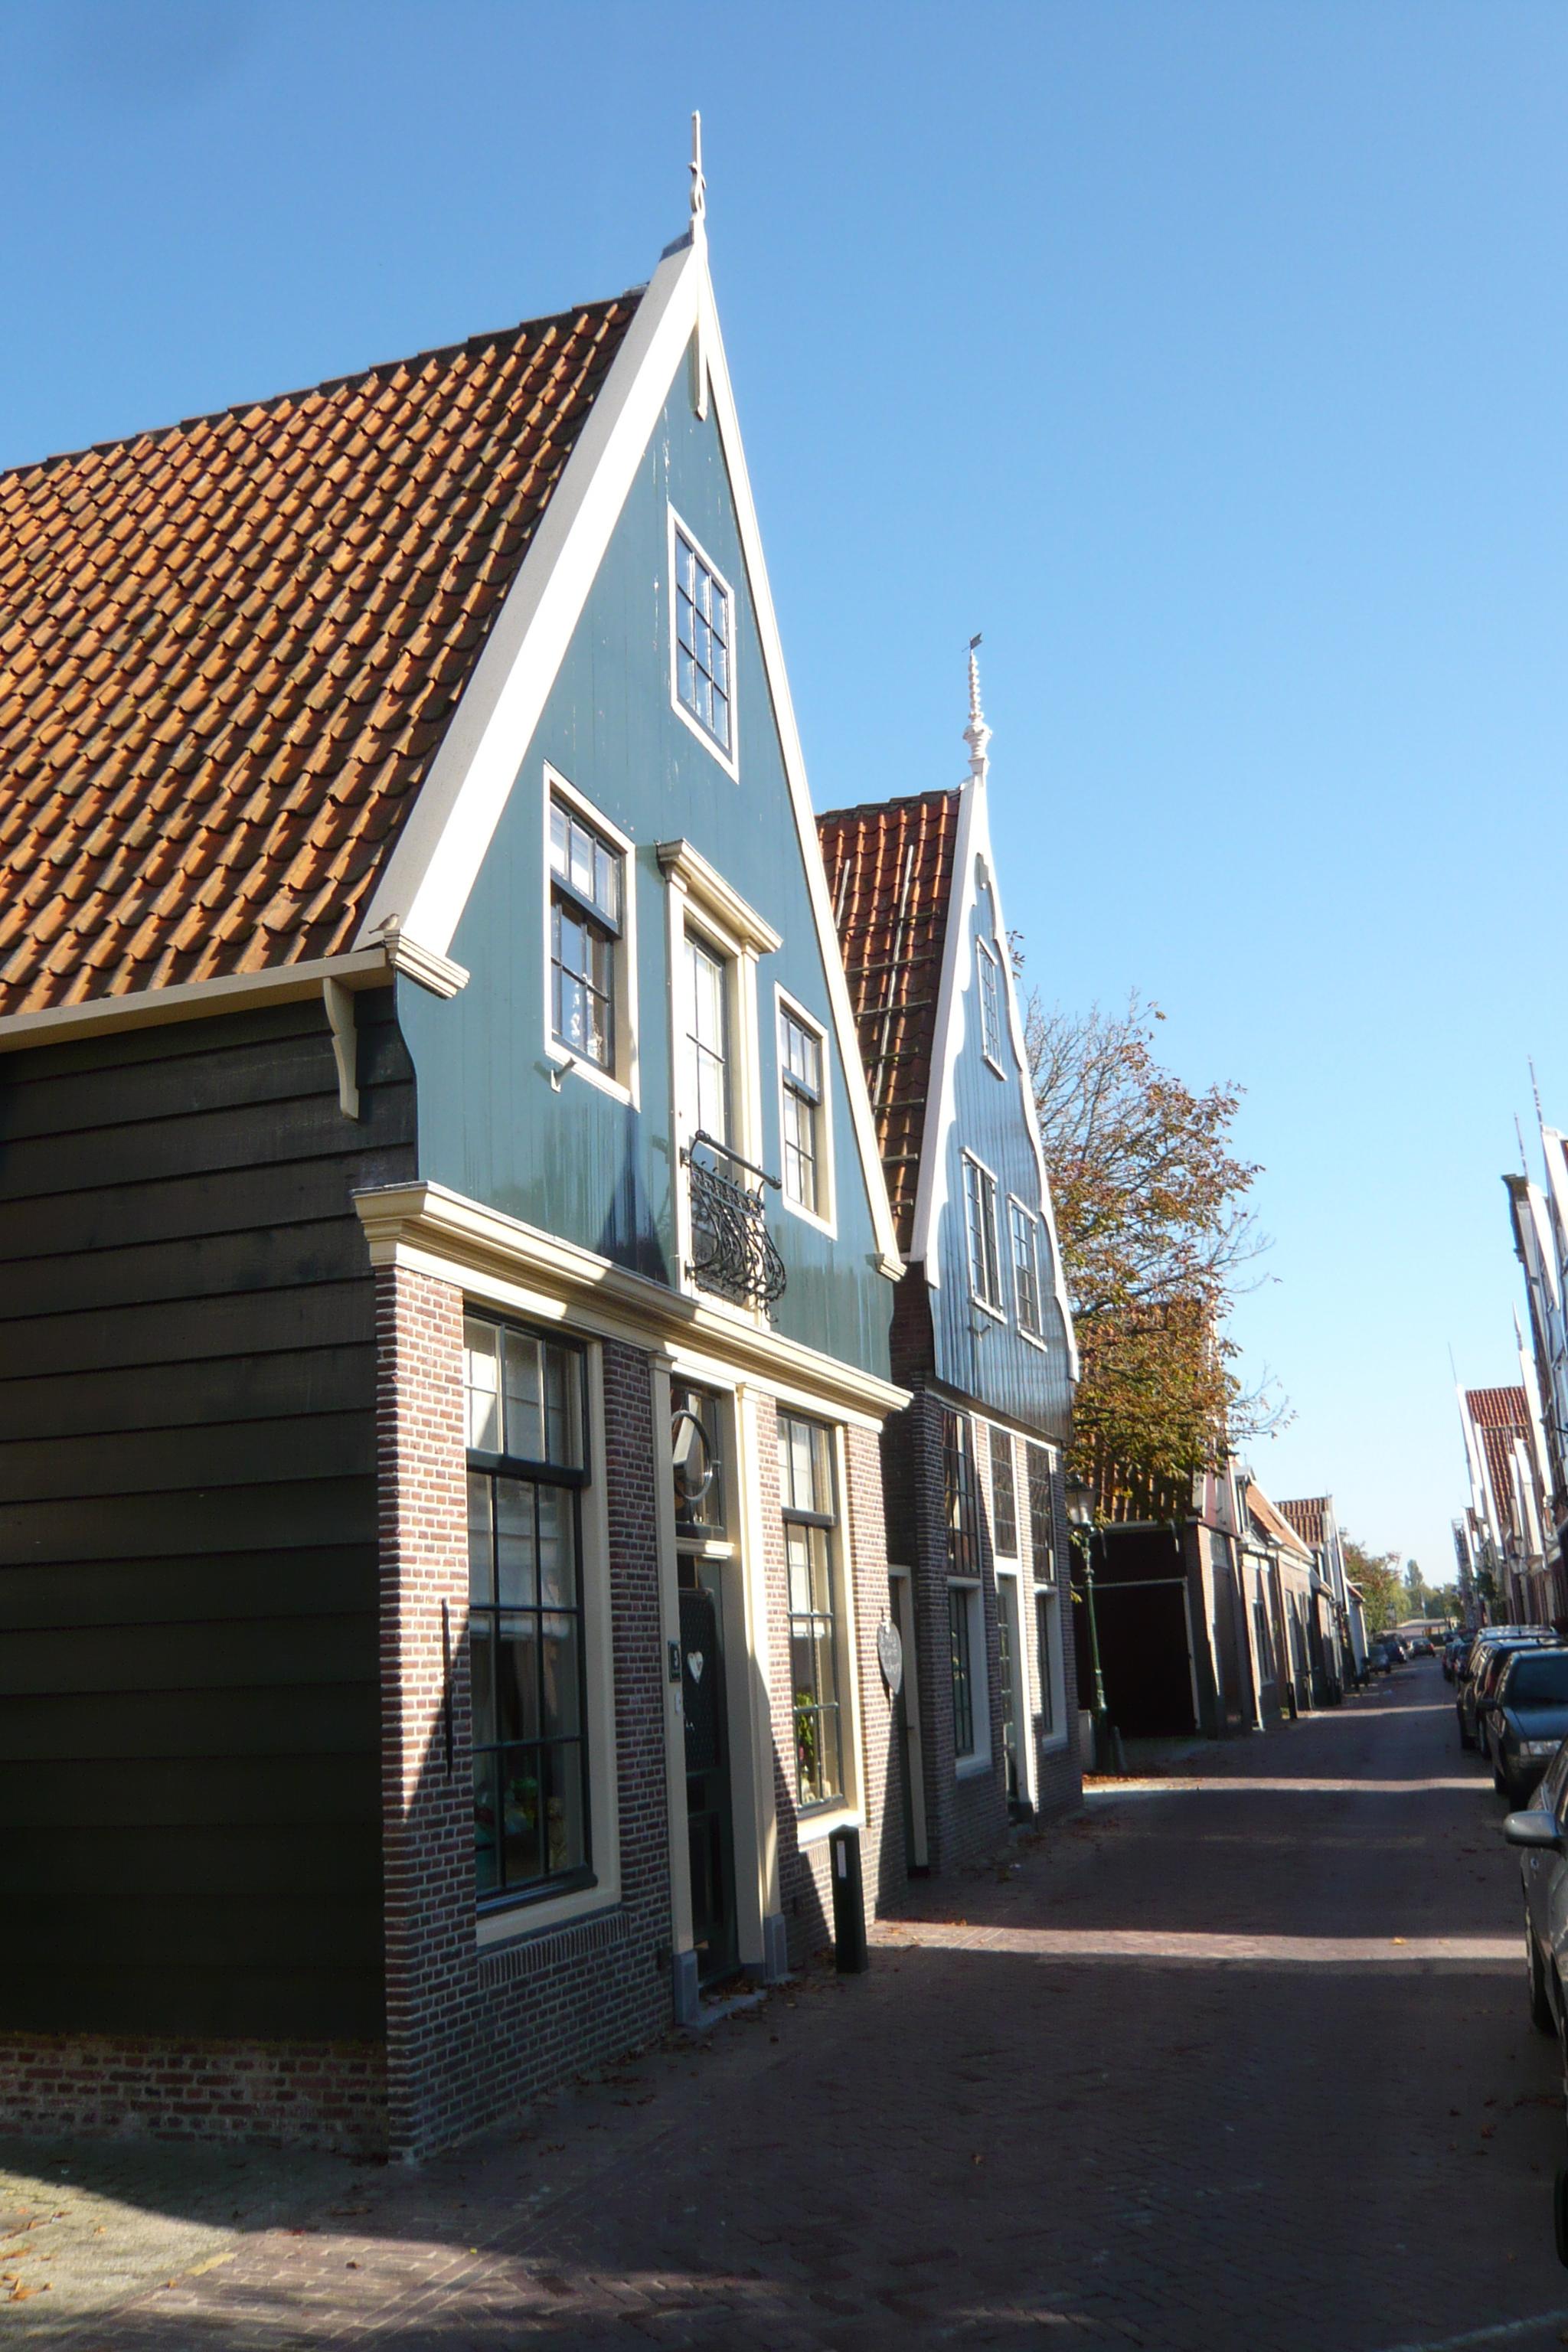 Houten huis met houten topgevel boven een bakstenen pui in de rijp monument - Houten huis ...